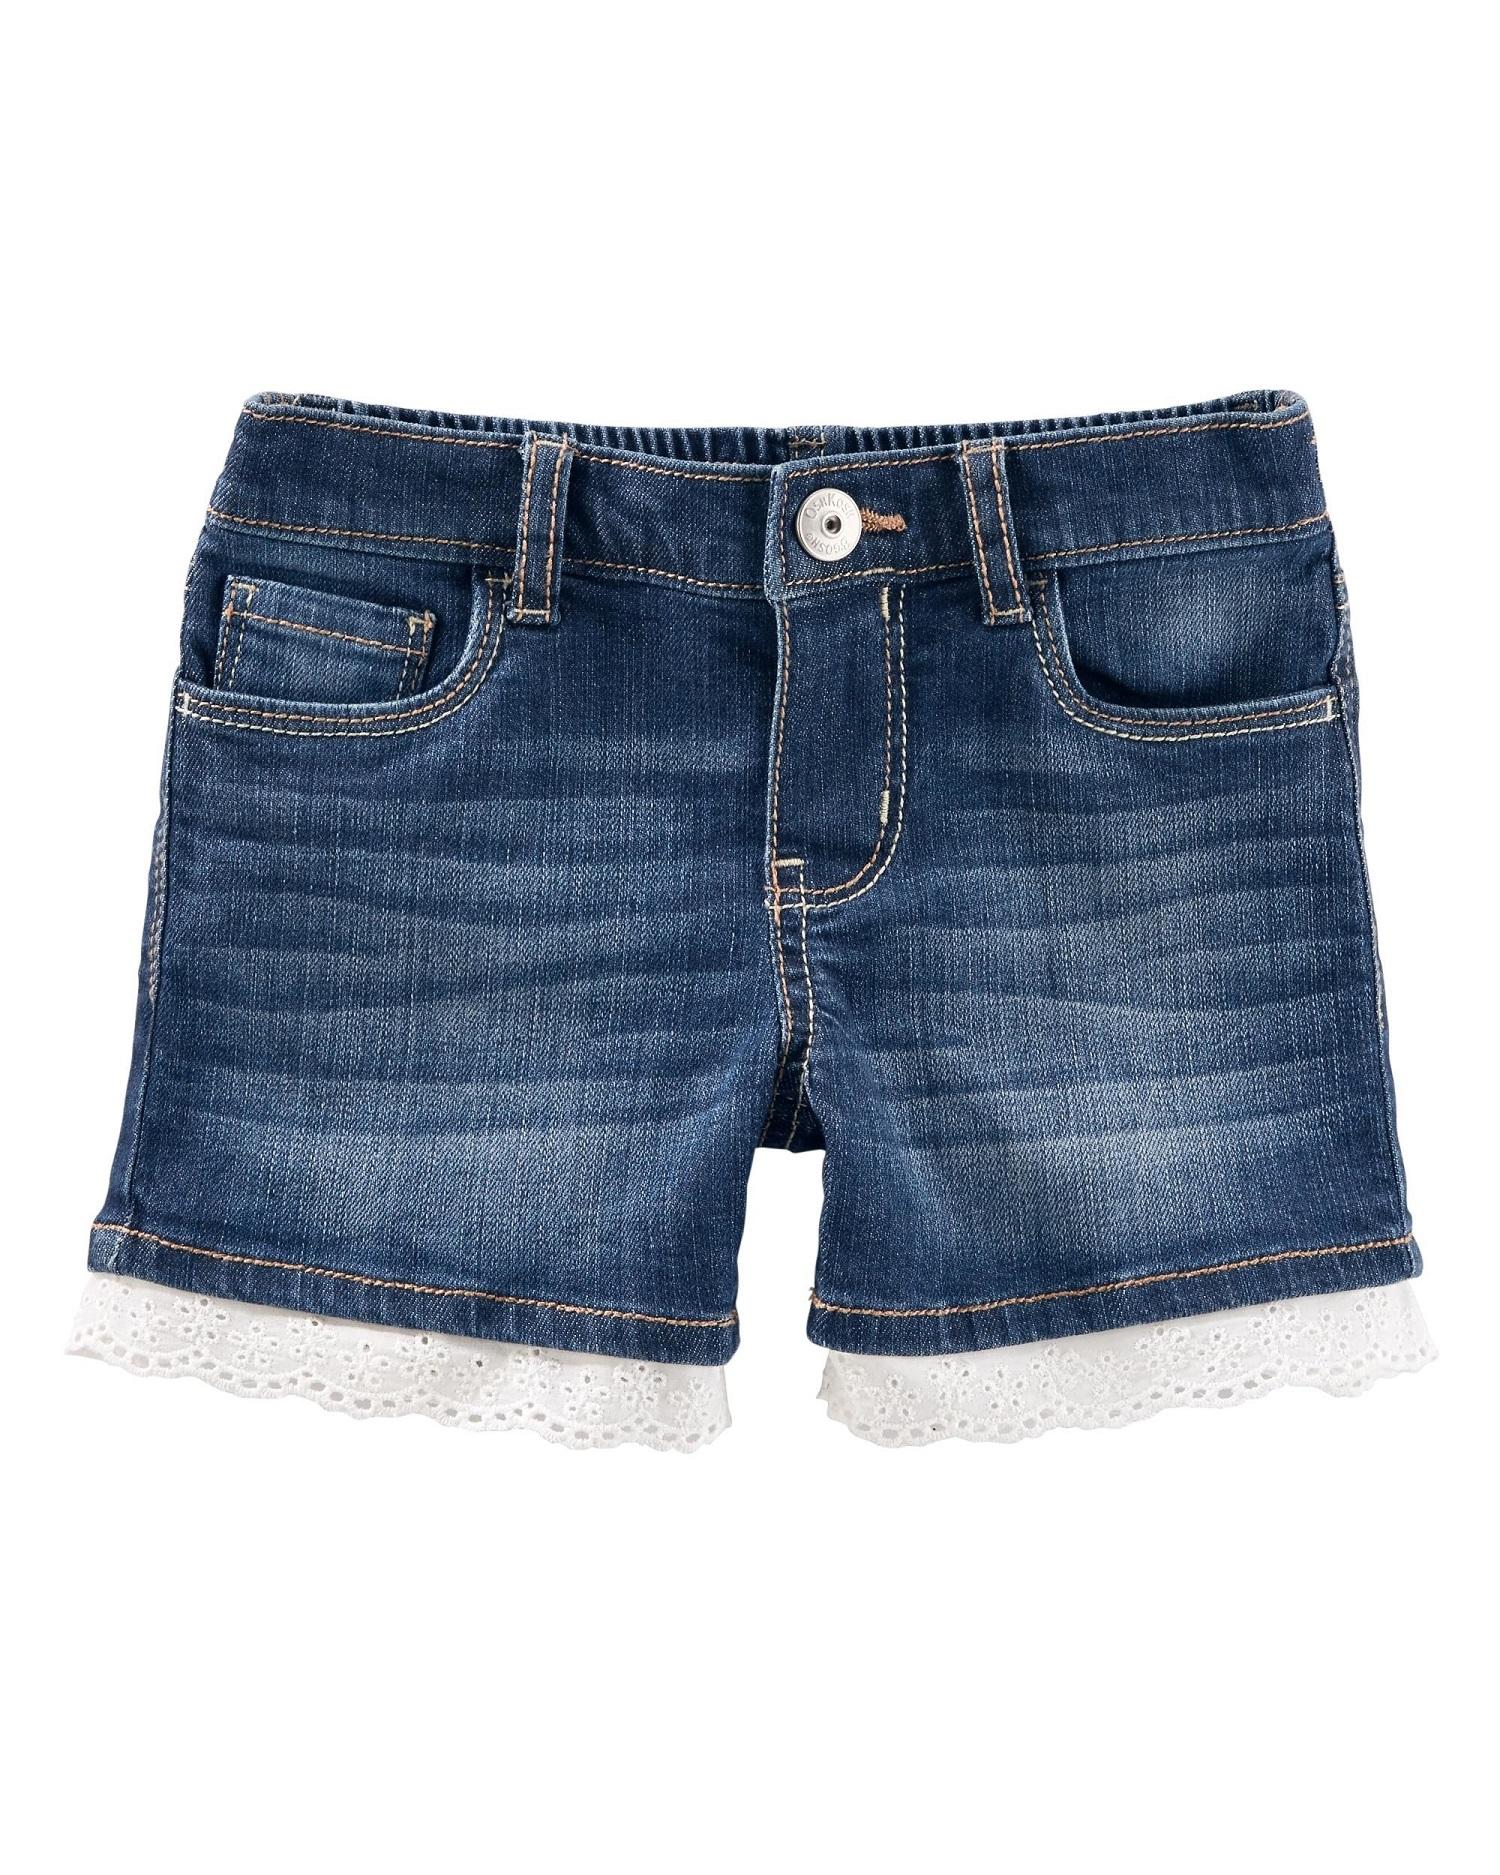 OshKosh B'gosh Big Girls' Eyelet Denim Shorts